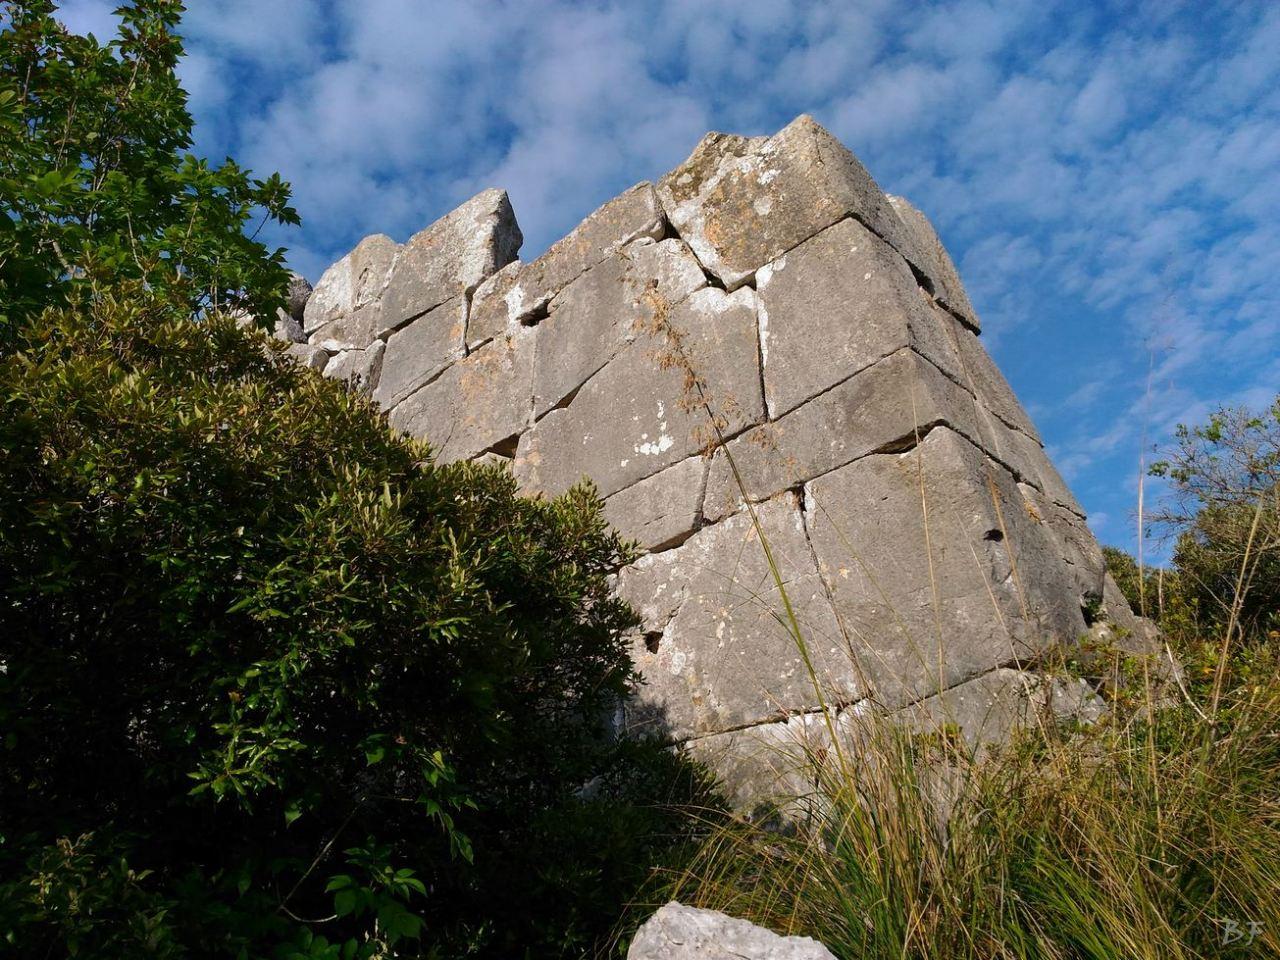 Circeii-Mura-Megalitiche-Poligonali-Latina-Lazio-Italia-32